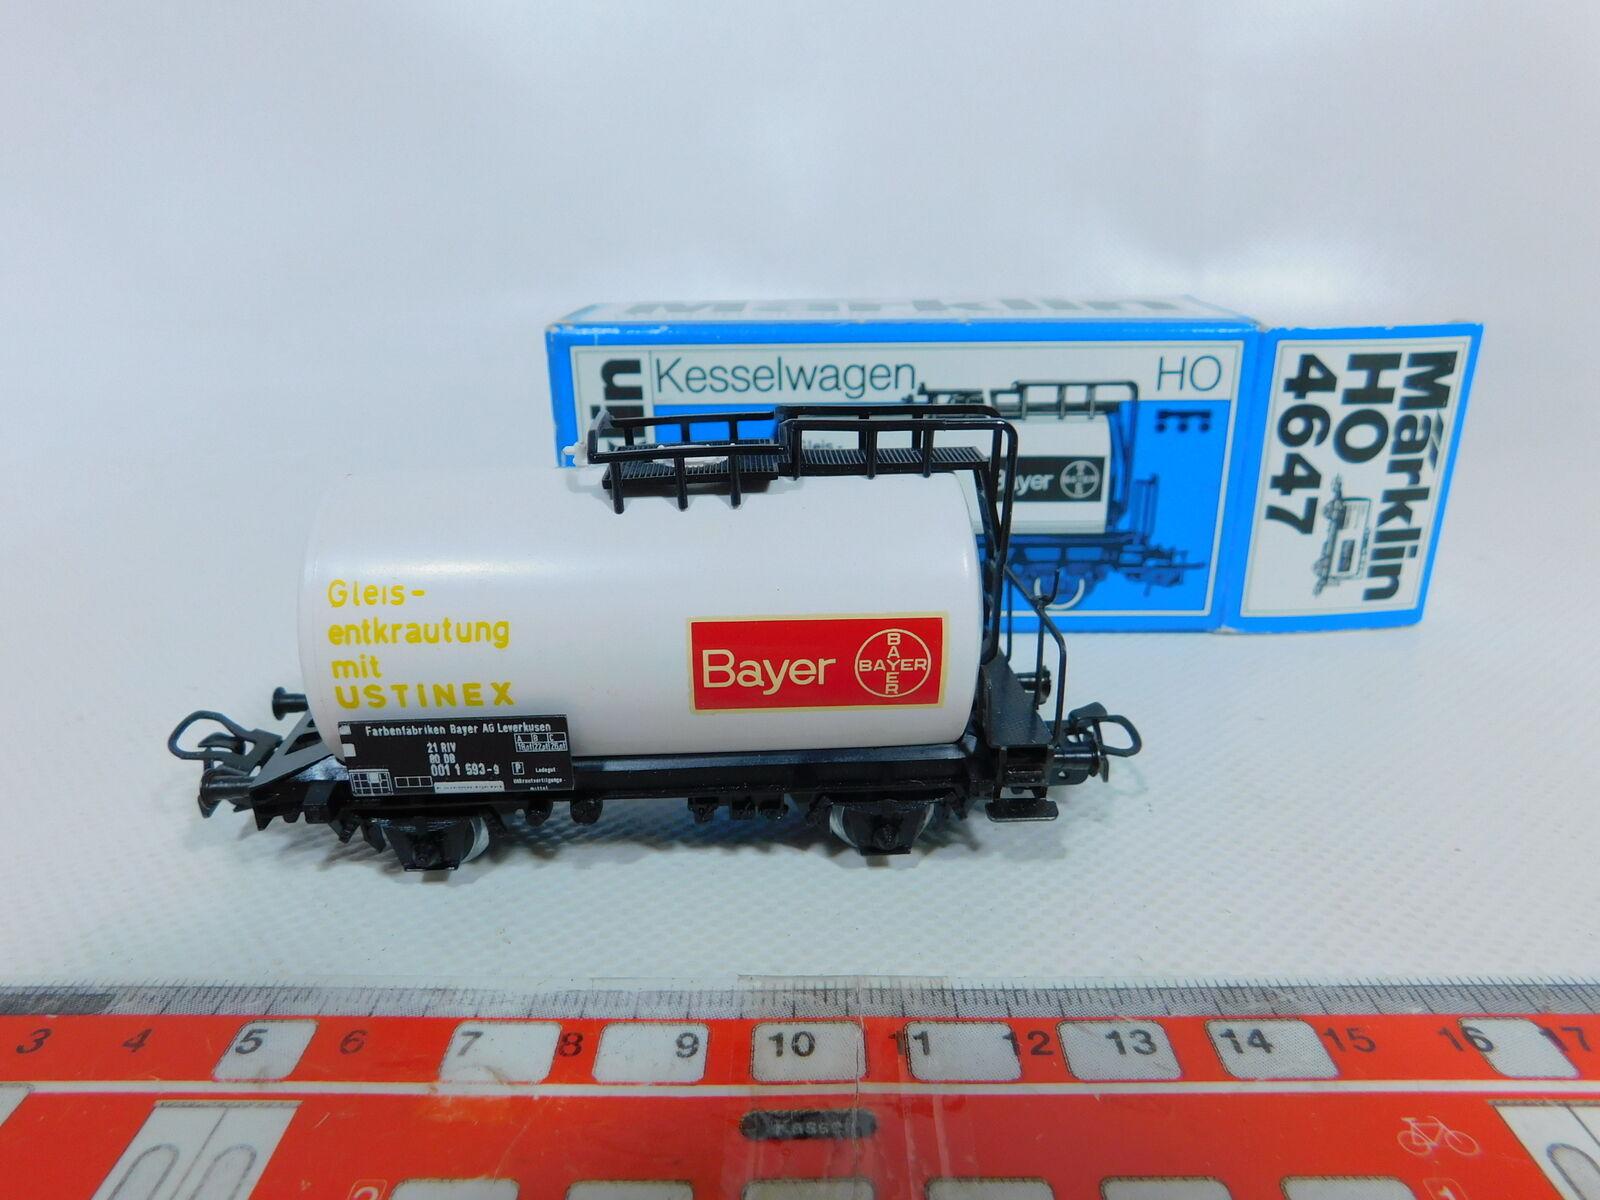 Bz681-0, 5 märklin h0 ac 4647.1 tank car Bayer ustinex DB very good,